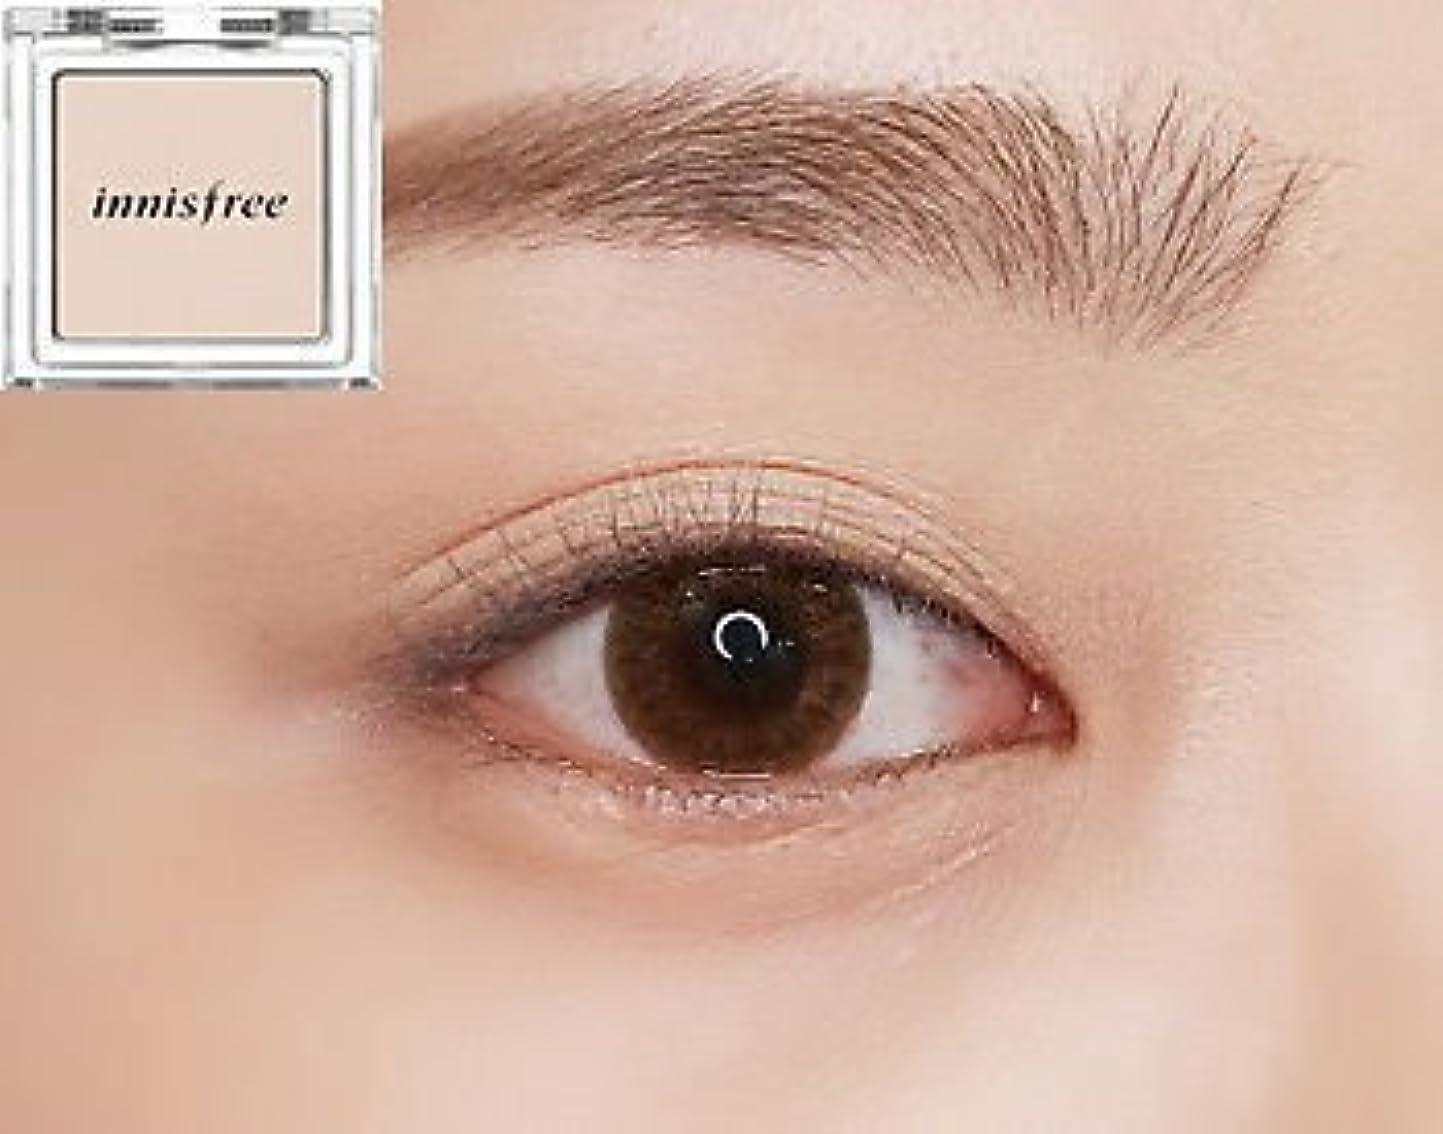 電球チャールズキージング楕円形[イニスフリー] innisfree [マイ パレット マイ アイシャドウ (シマ一) 39カラー] MY PALETTE My Eyeshadow (Shimmer) 39 Shades [海外直送品] (シマ一 #01)